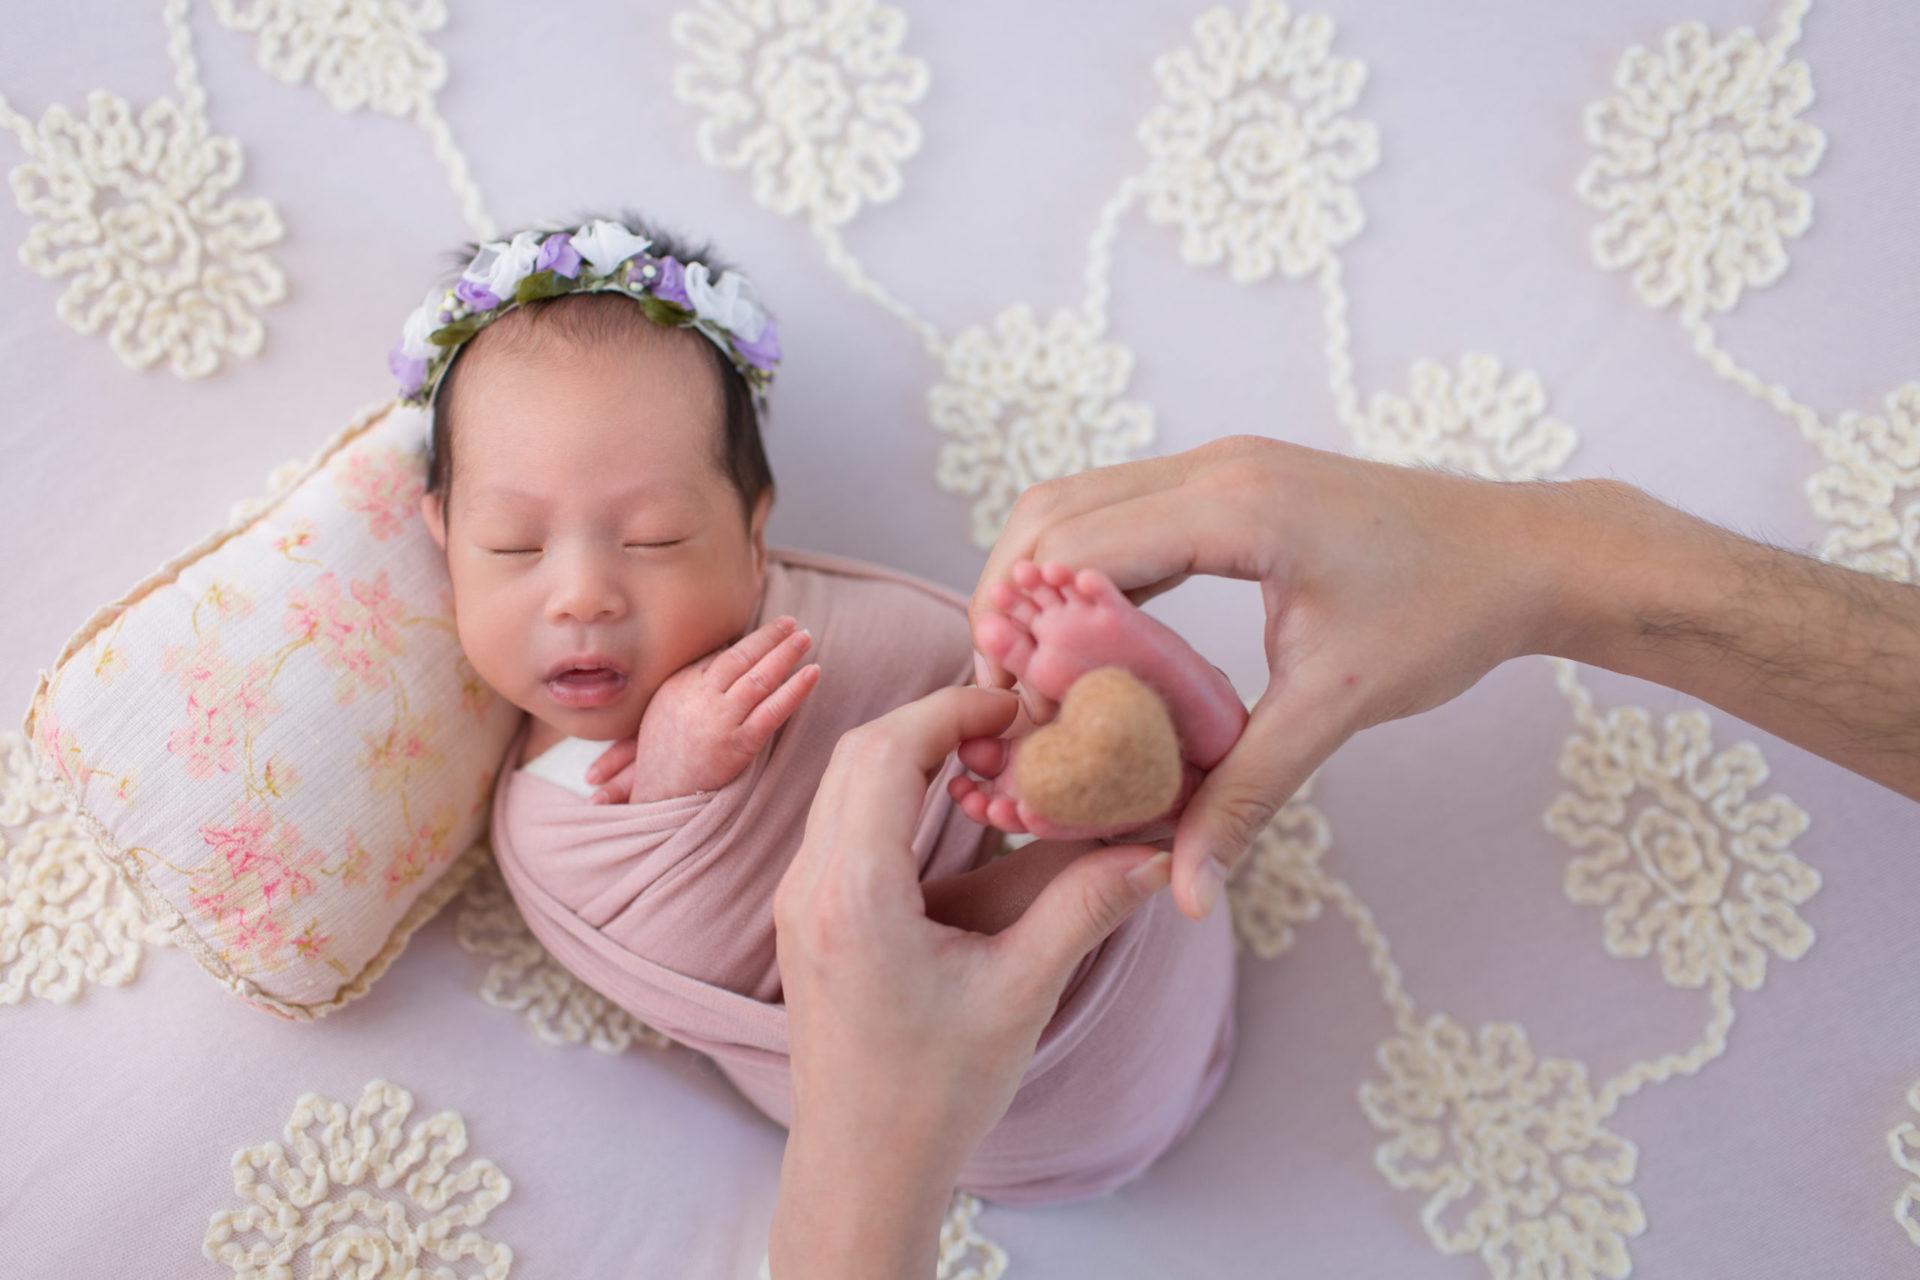 育兒日記|2個月成功睡過夜 !睡過夜秘訣3大招分享,奶量調整、睡眠環境、睡前儀式,還有2個睡過夜小幫手!